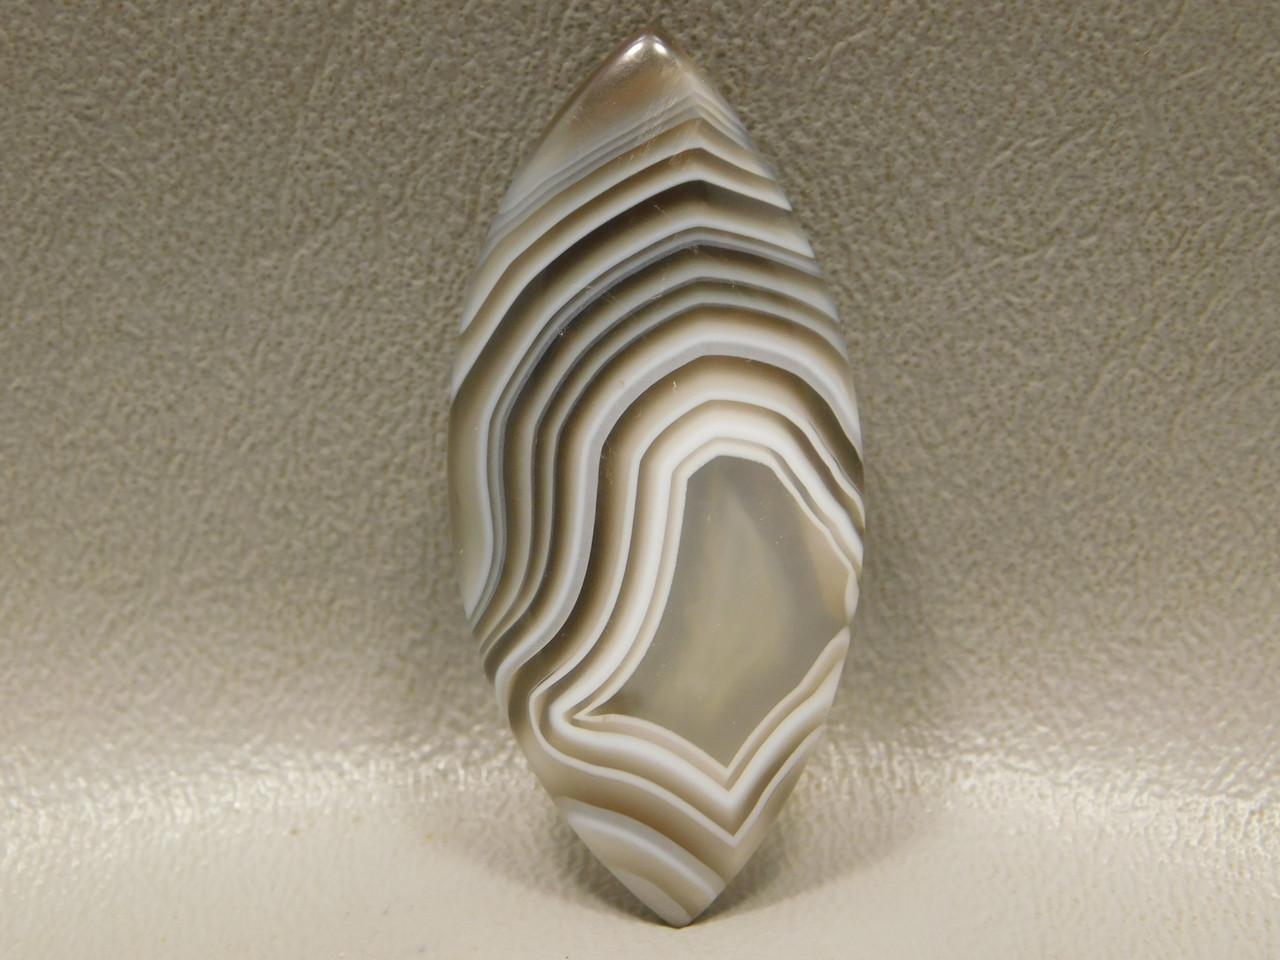 Botswana Agate Banded Translucent Cabochon Stone #14